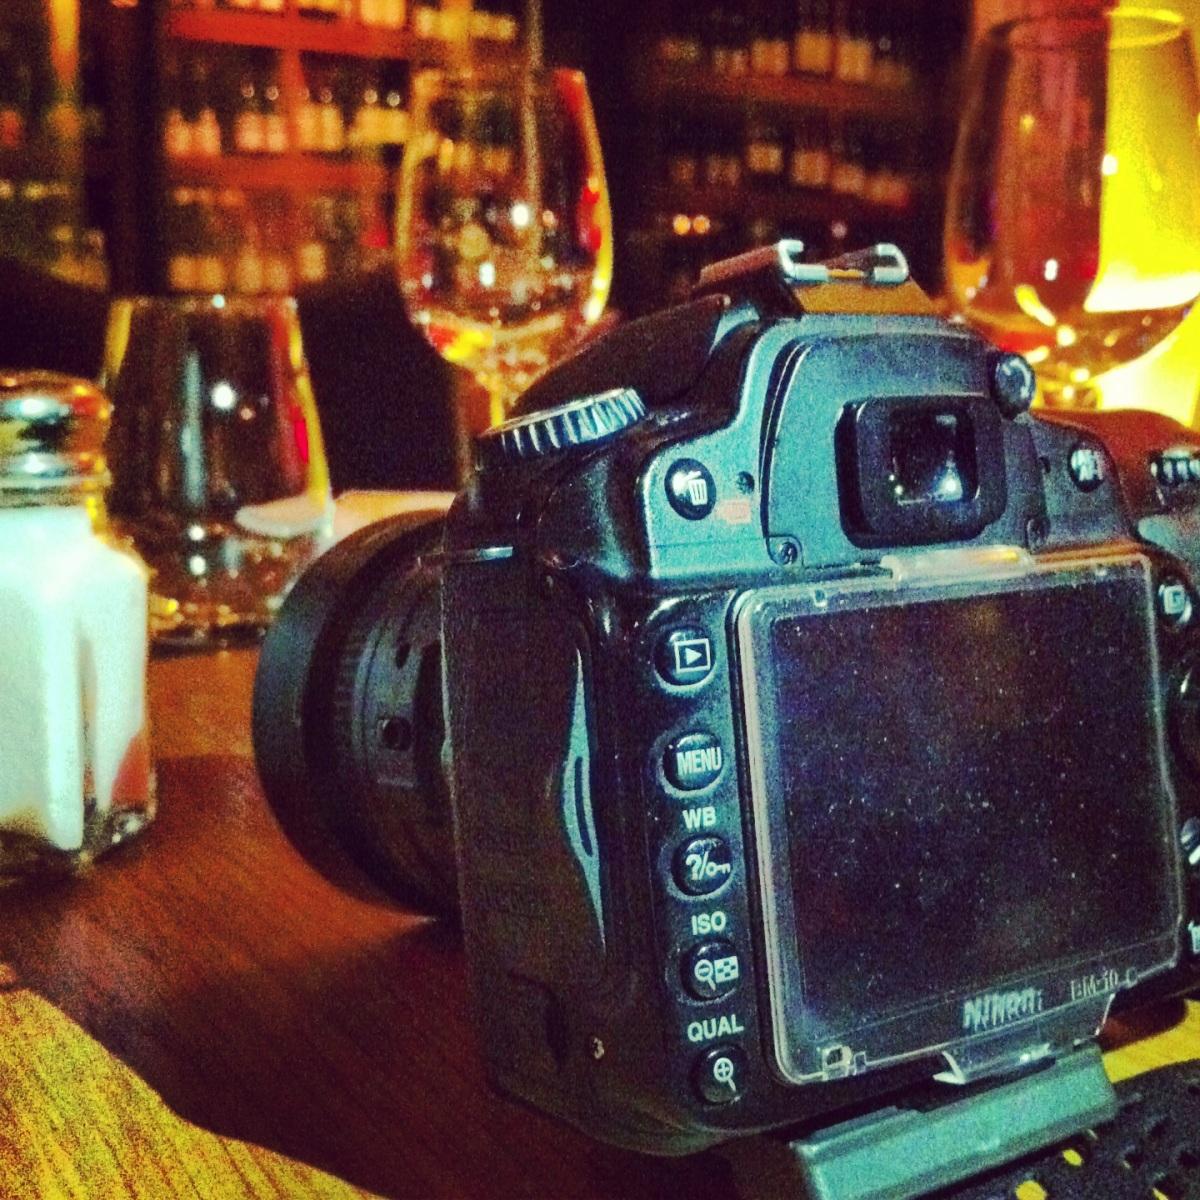 Les événements pour blogueurs bouffe - mes réflexions personnelles